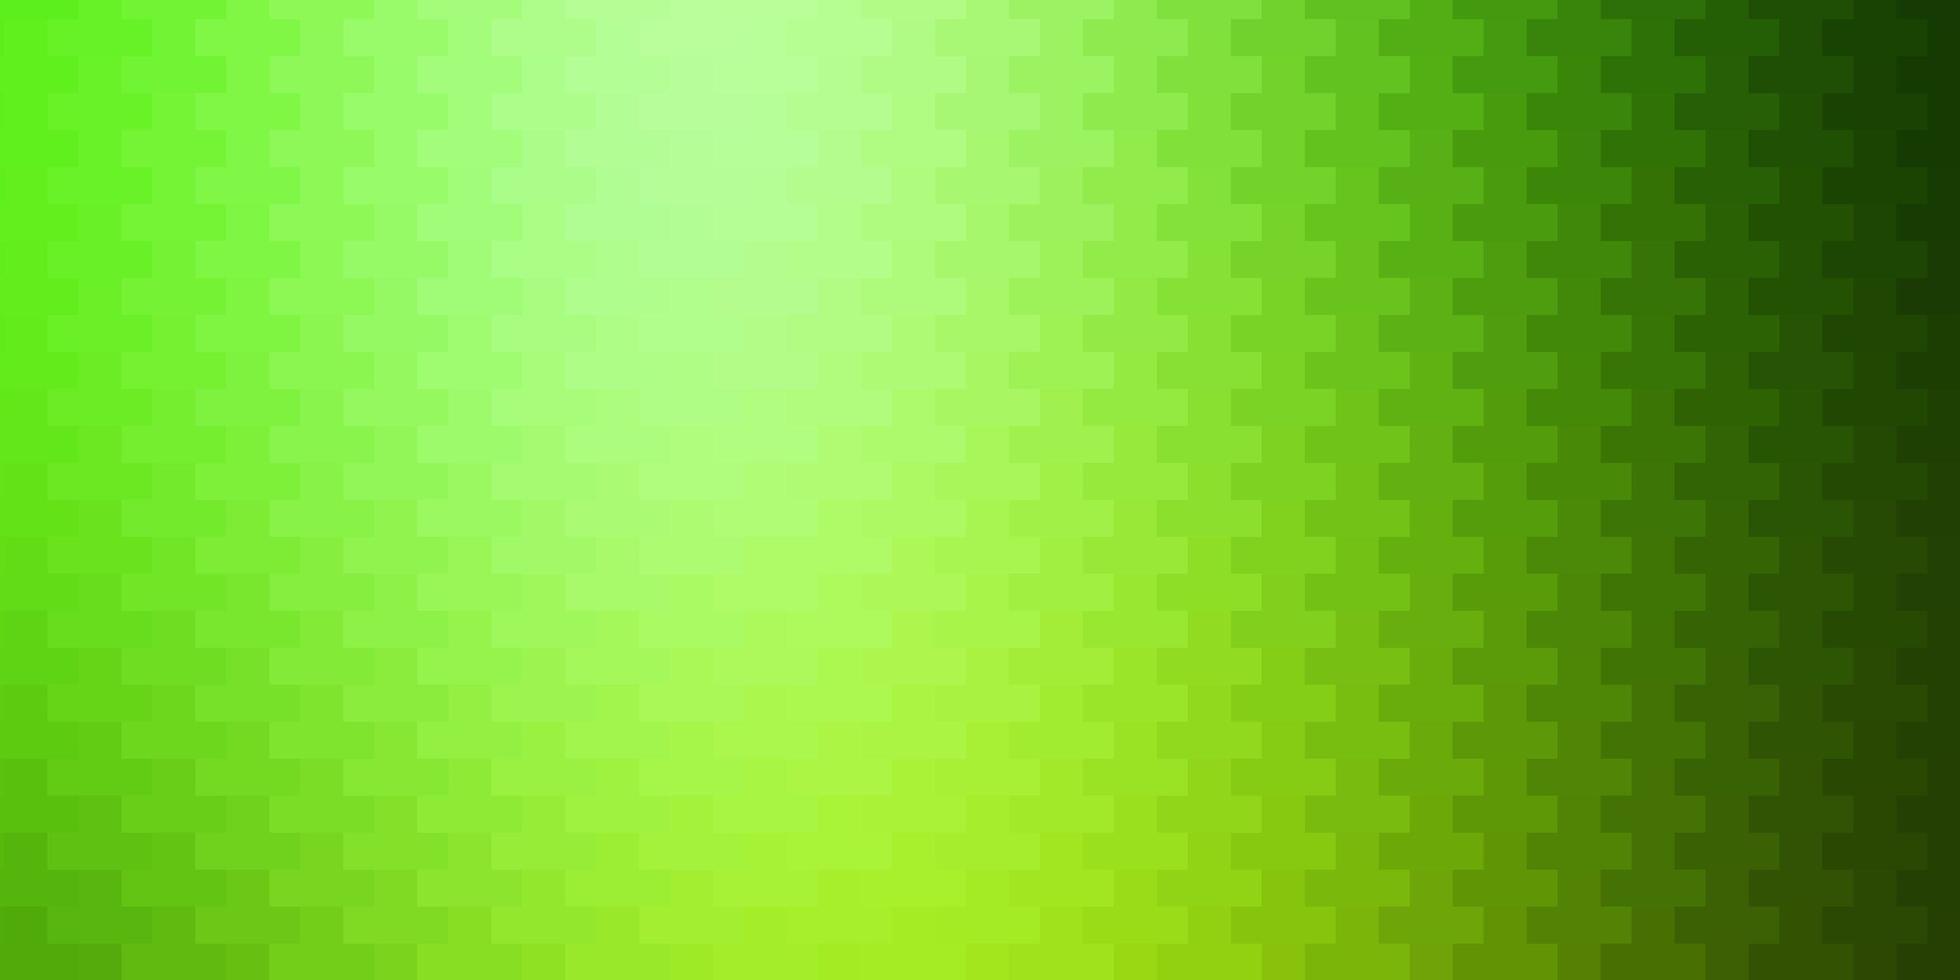 modèle vectoriel vert clair dans un style carré.